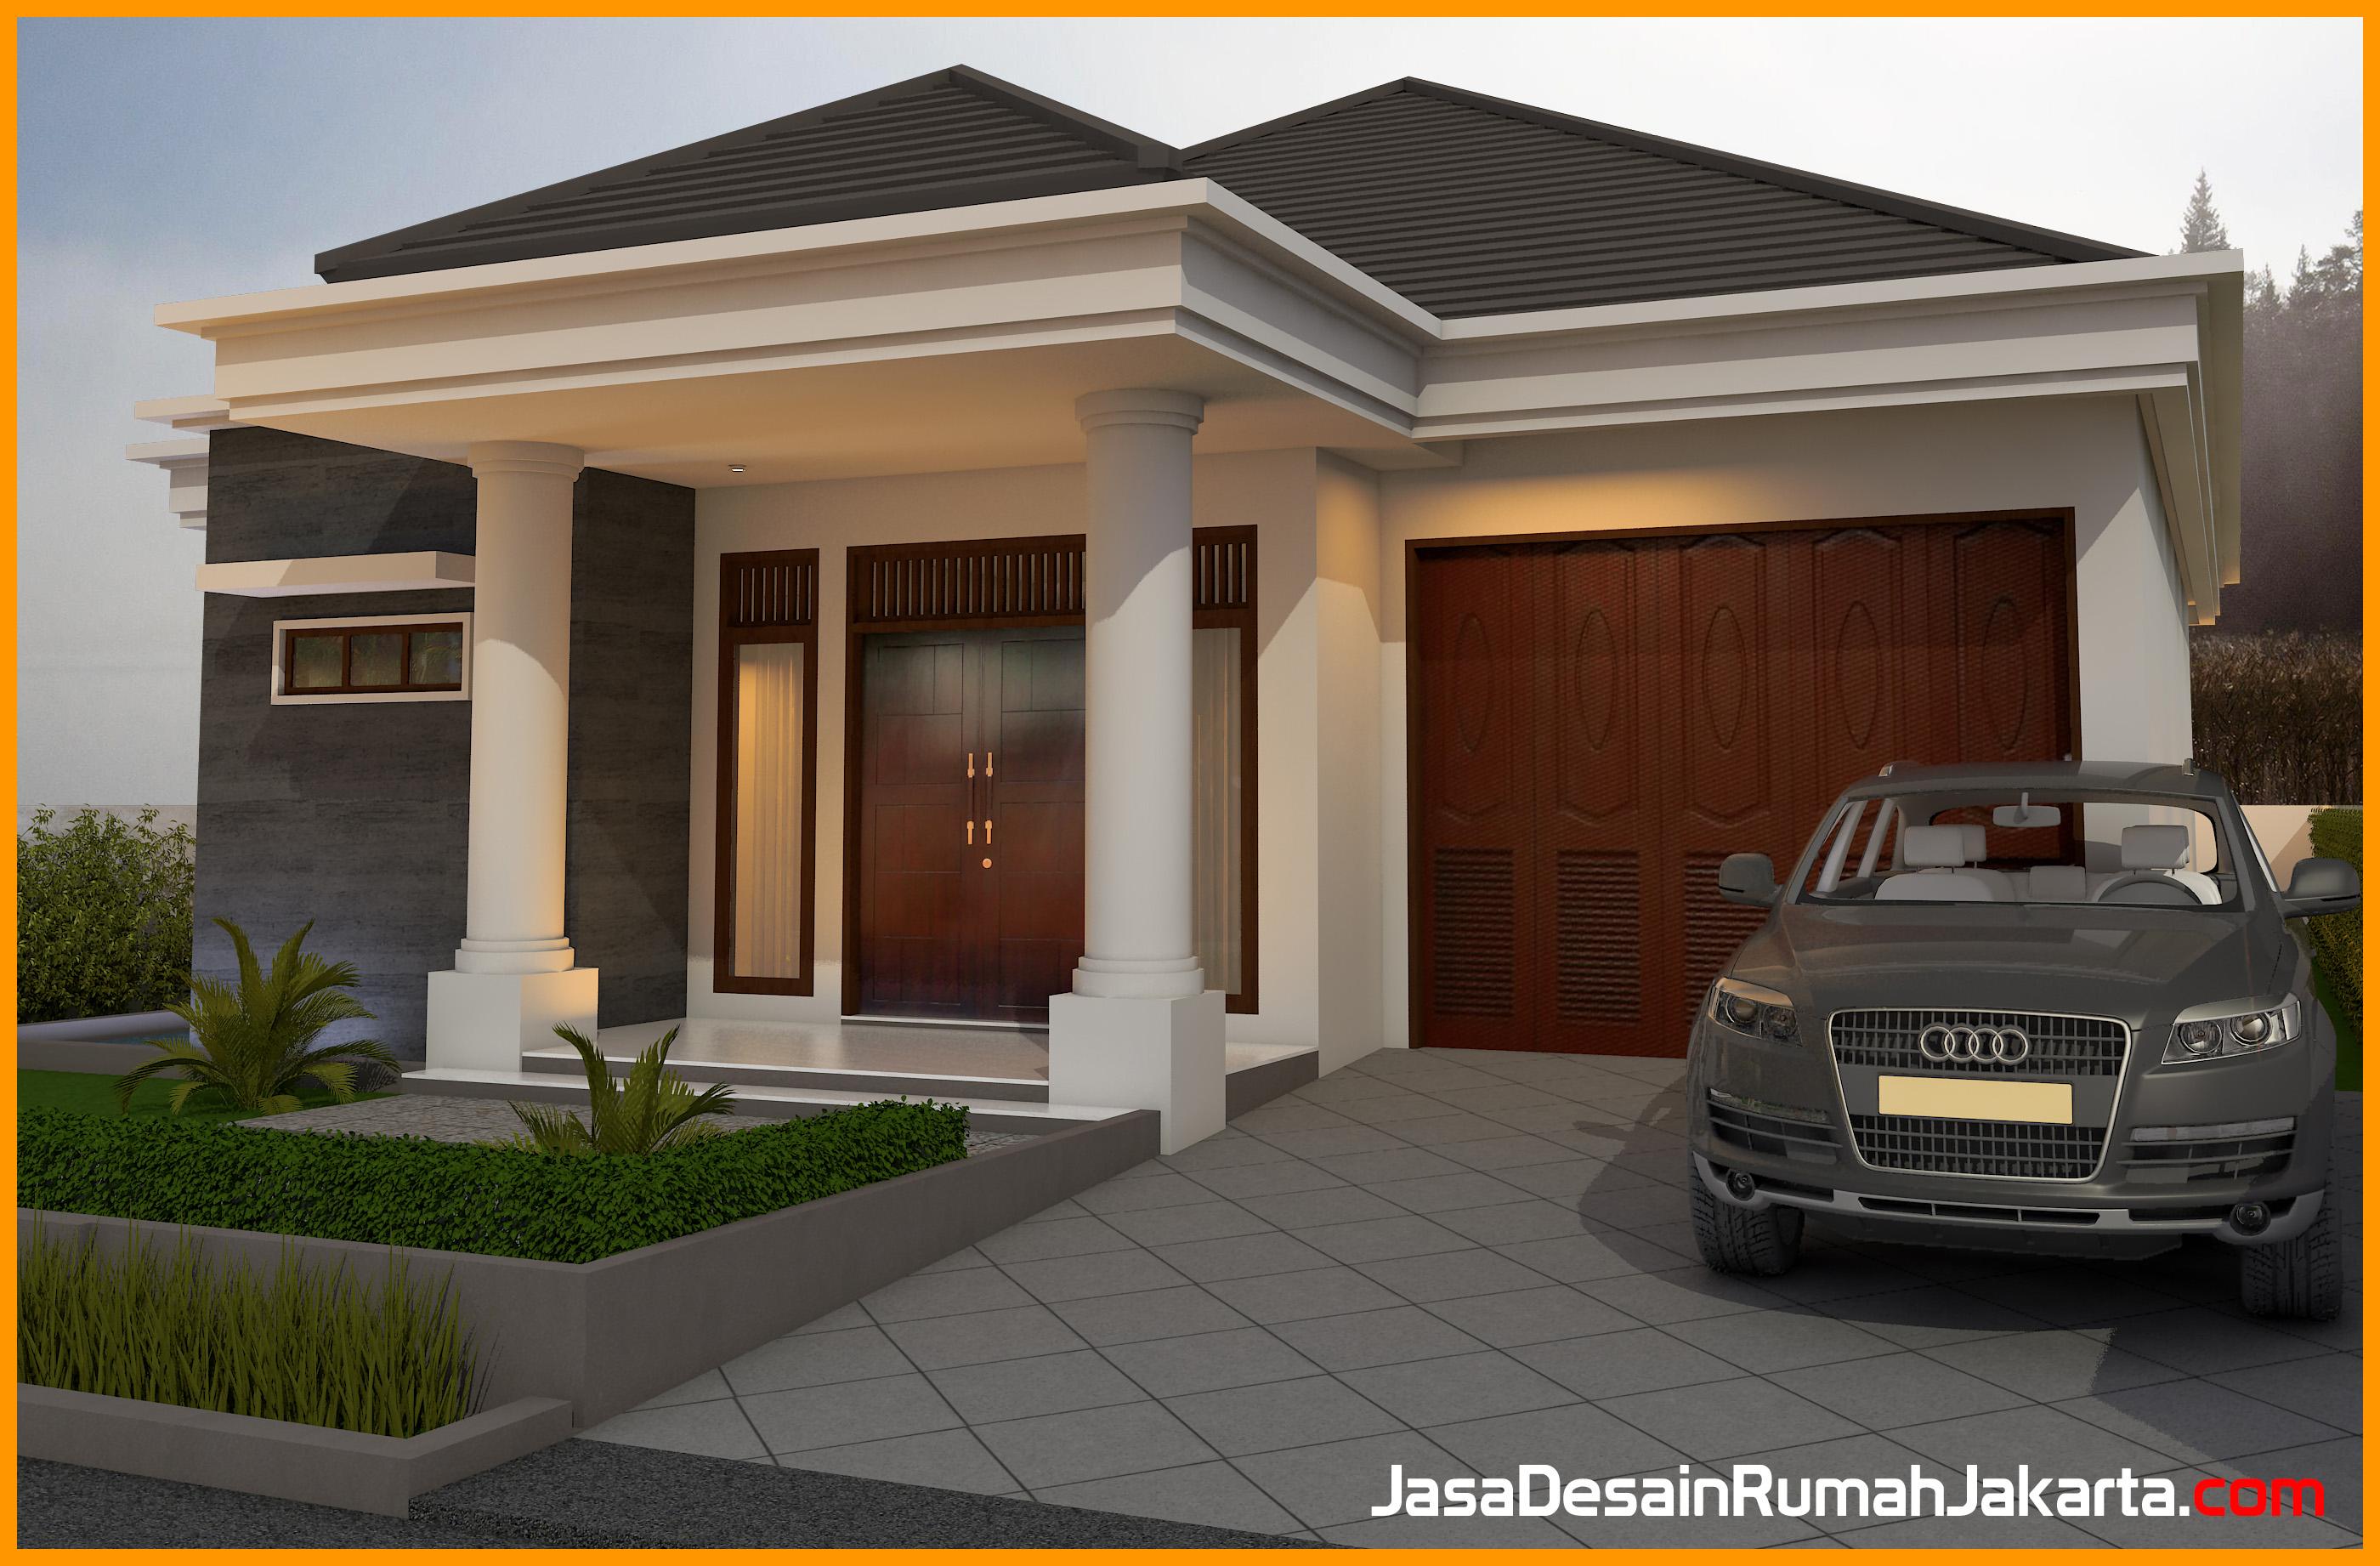 Model desain rumah minimalis modern jasa desain rumah jakarta for Design rumah mimimalis modern